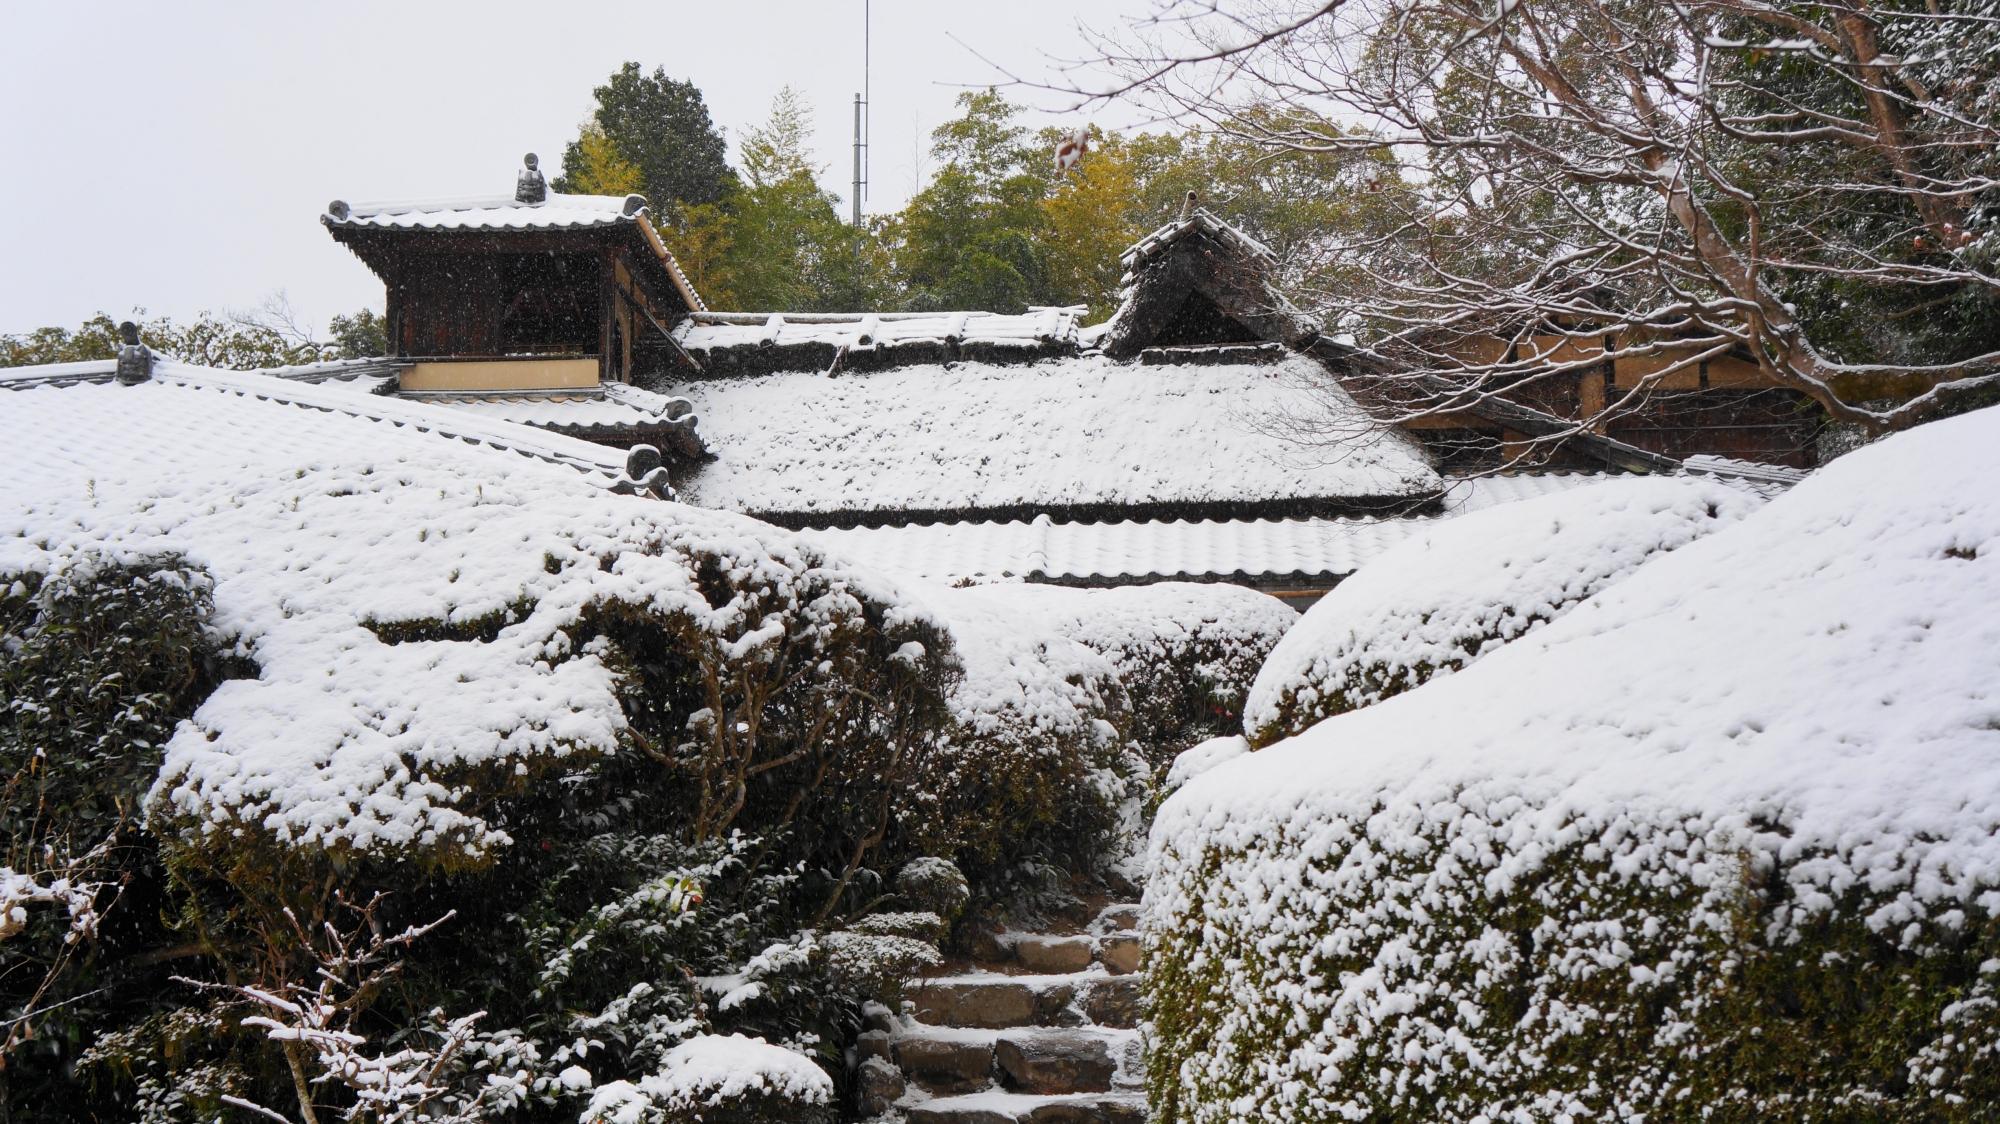 詩仙堂の素晴らしい雪景色